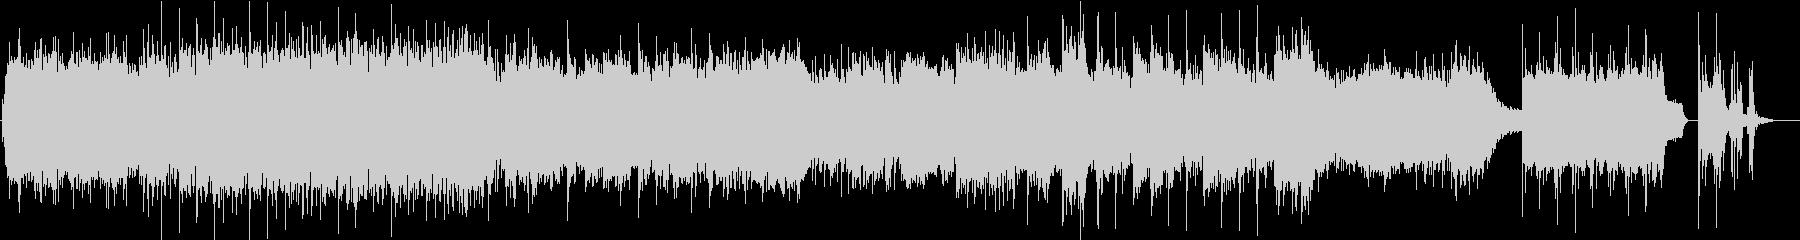 前進するイメージの3拍子のエレクトロニカの未再生の波形